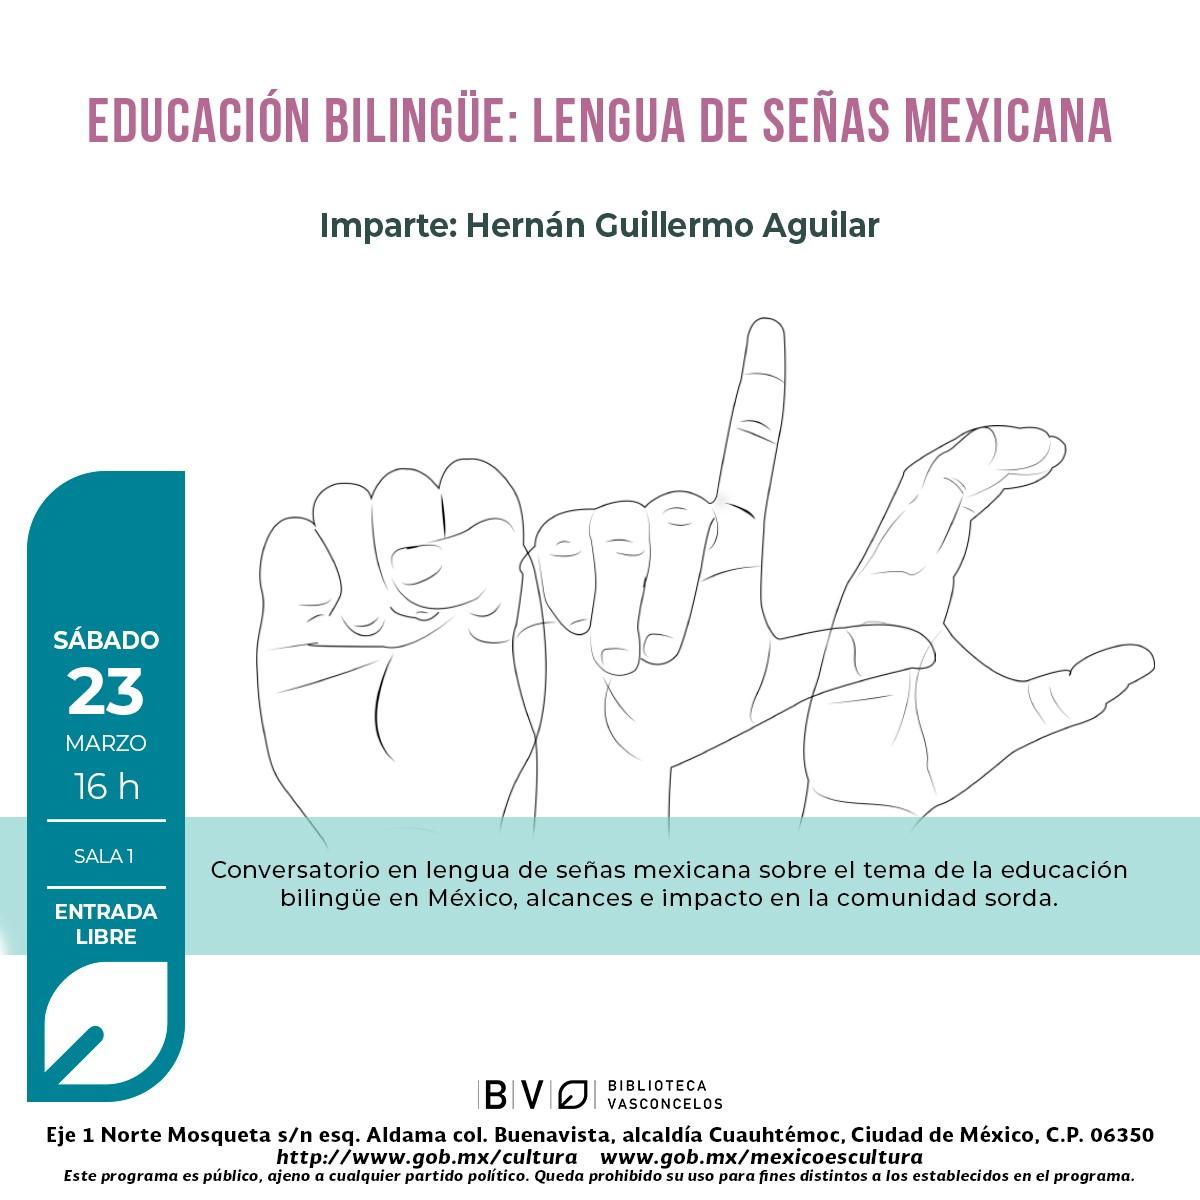 Educación bilingüe: lengua de señas